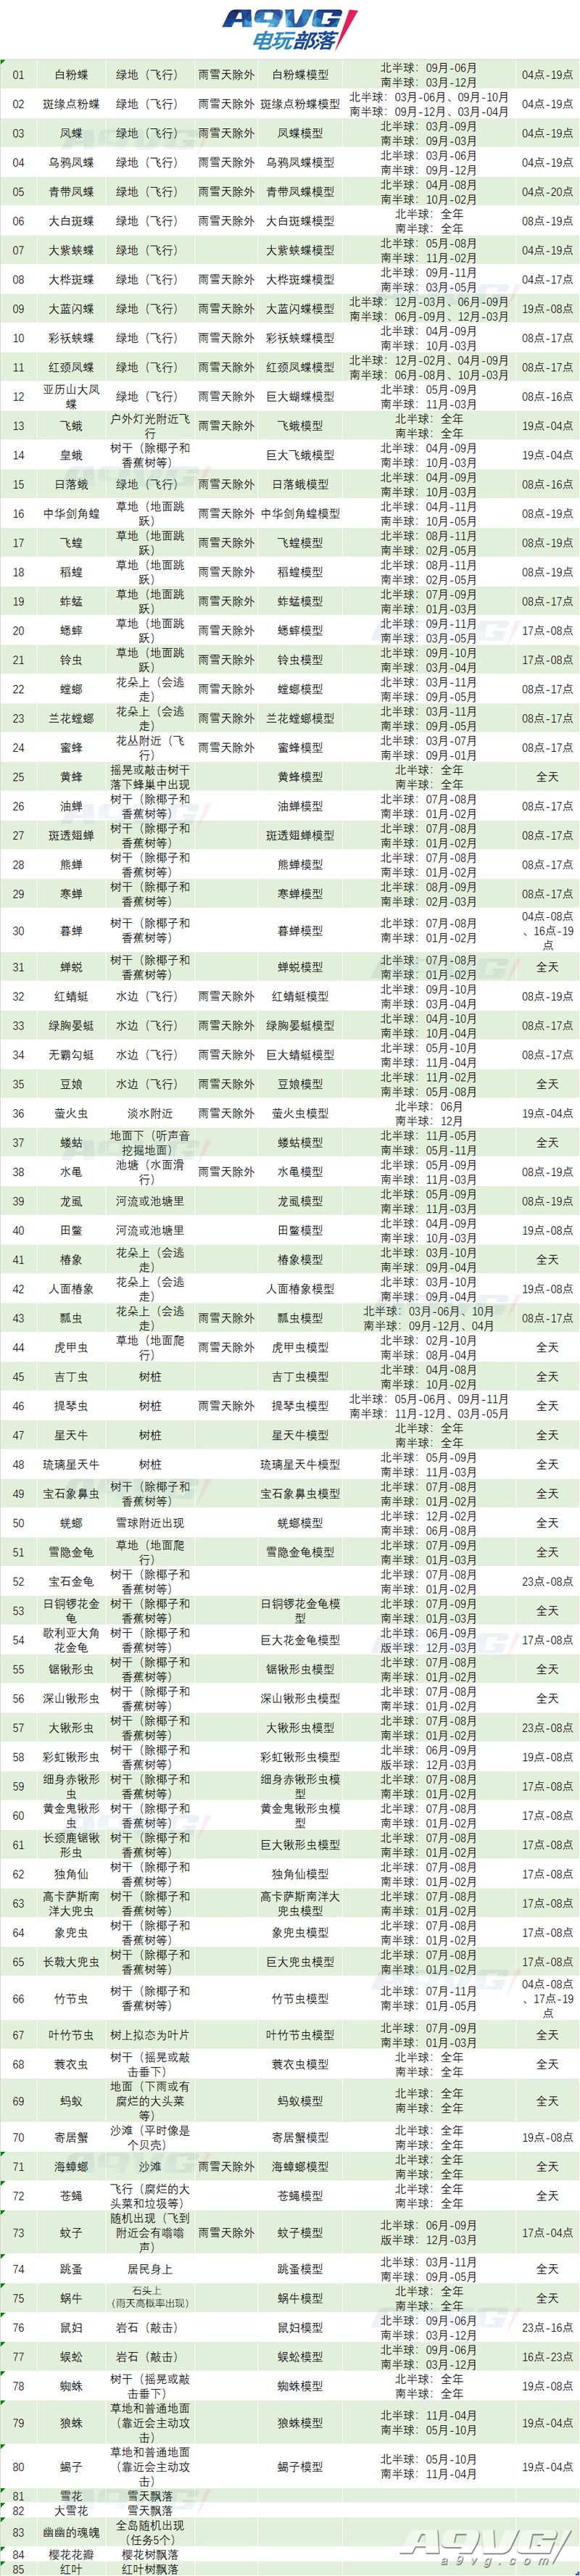 《集合啦!动物森友会》捕虫地点季节时间位置数据攻略表